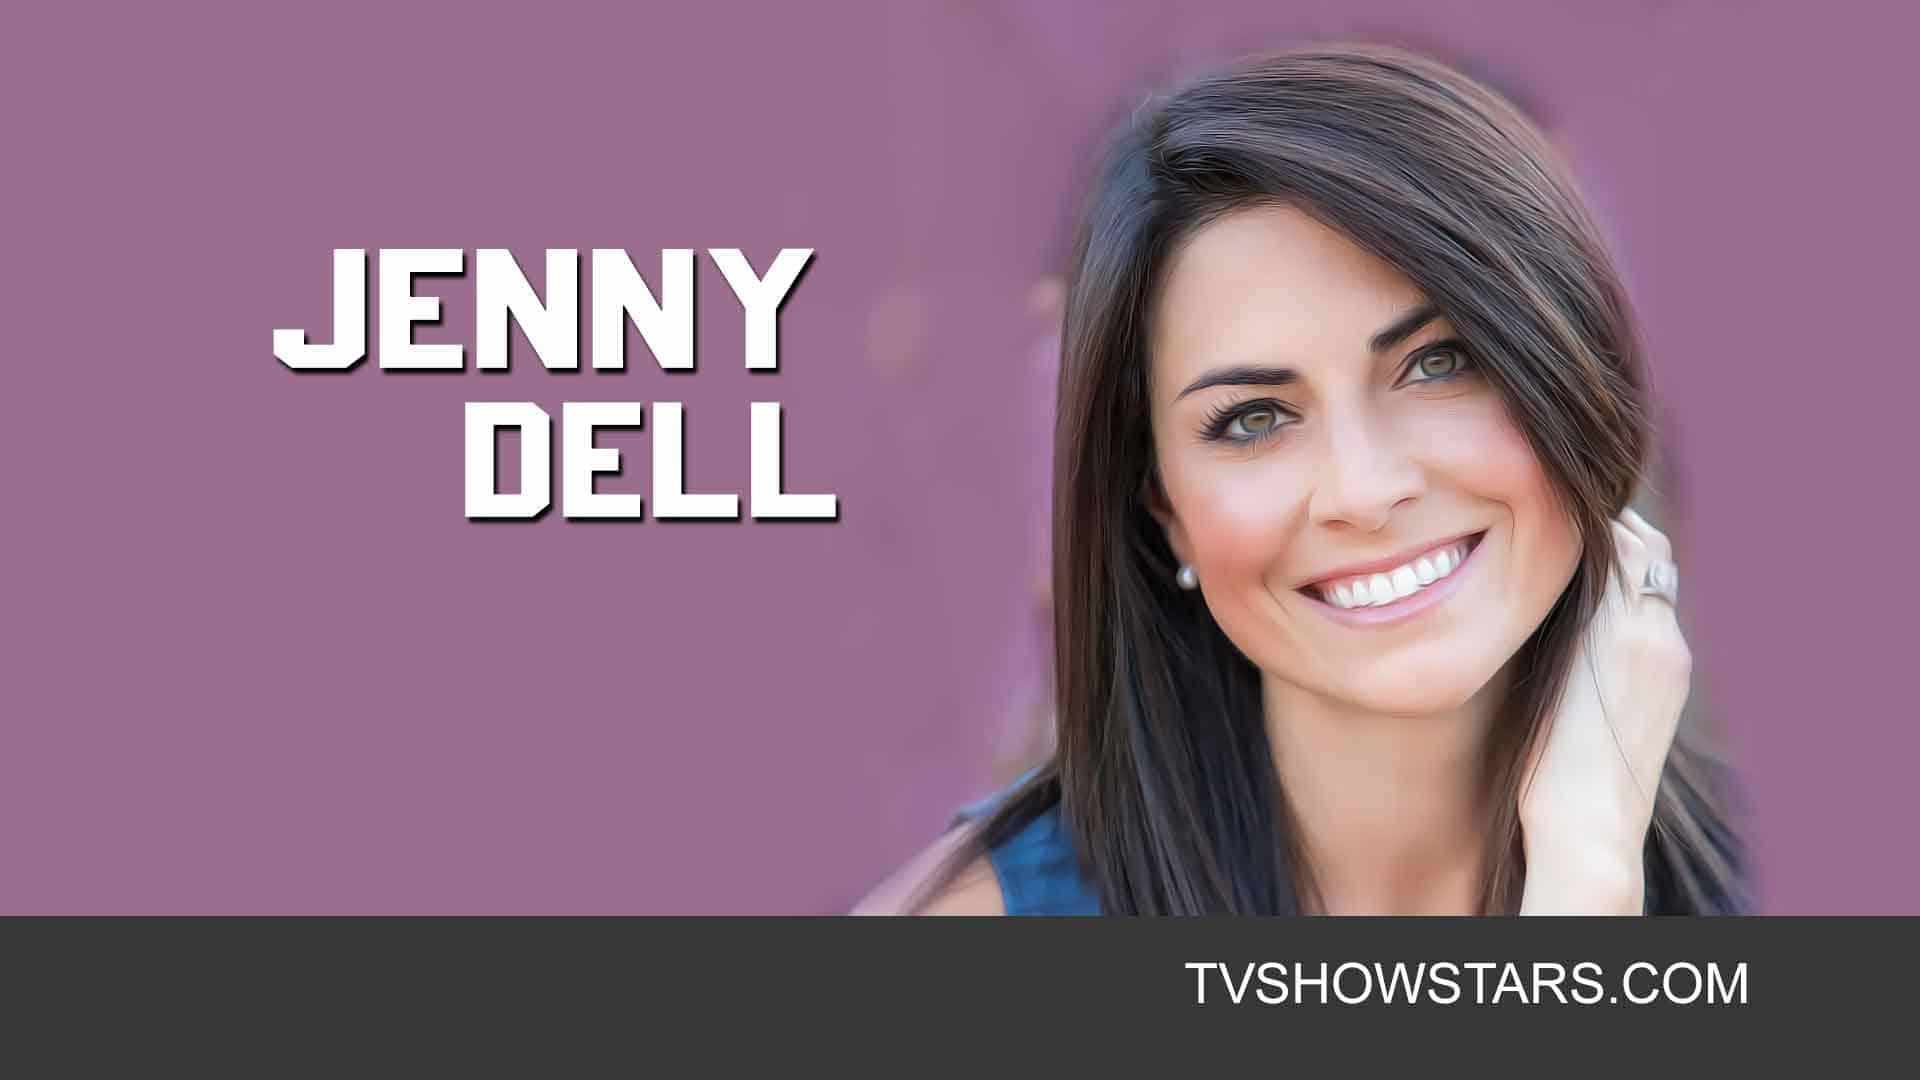 Jenny Dell